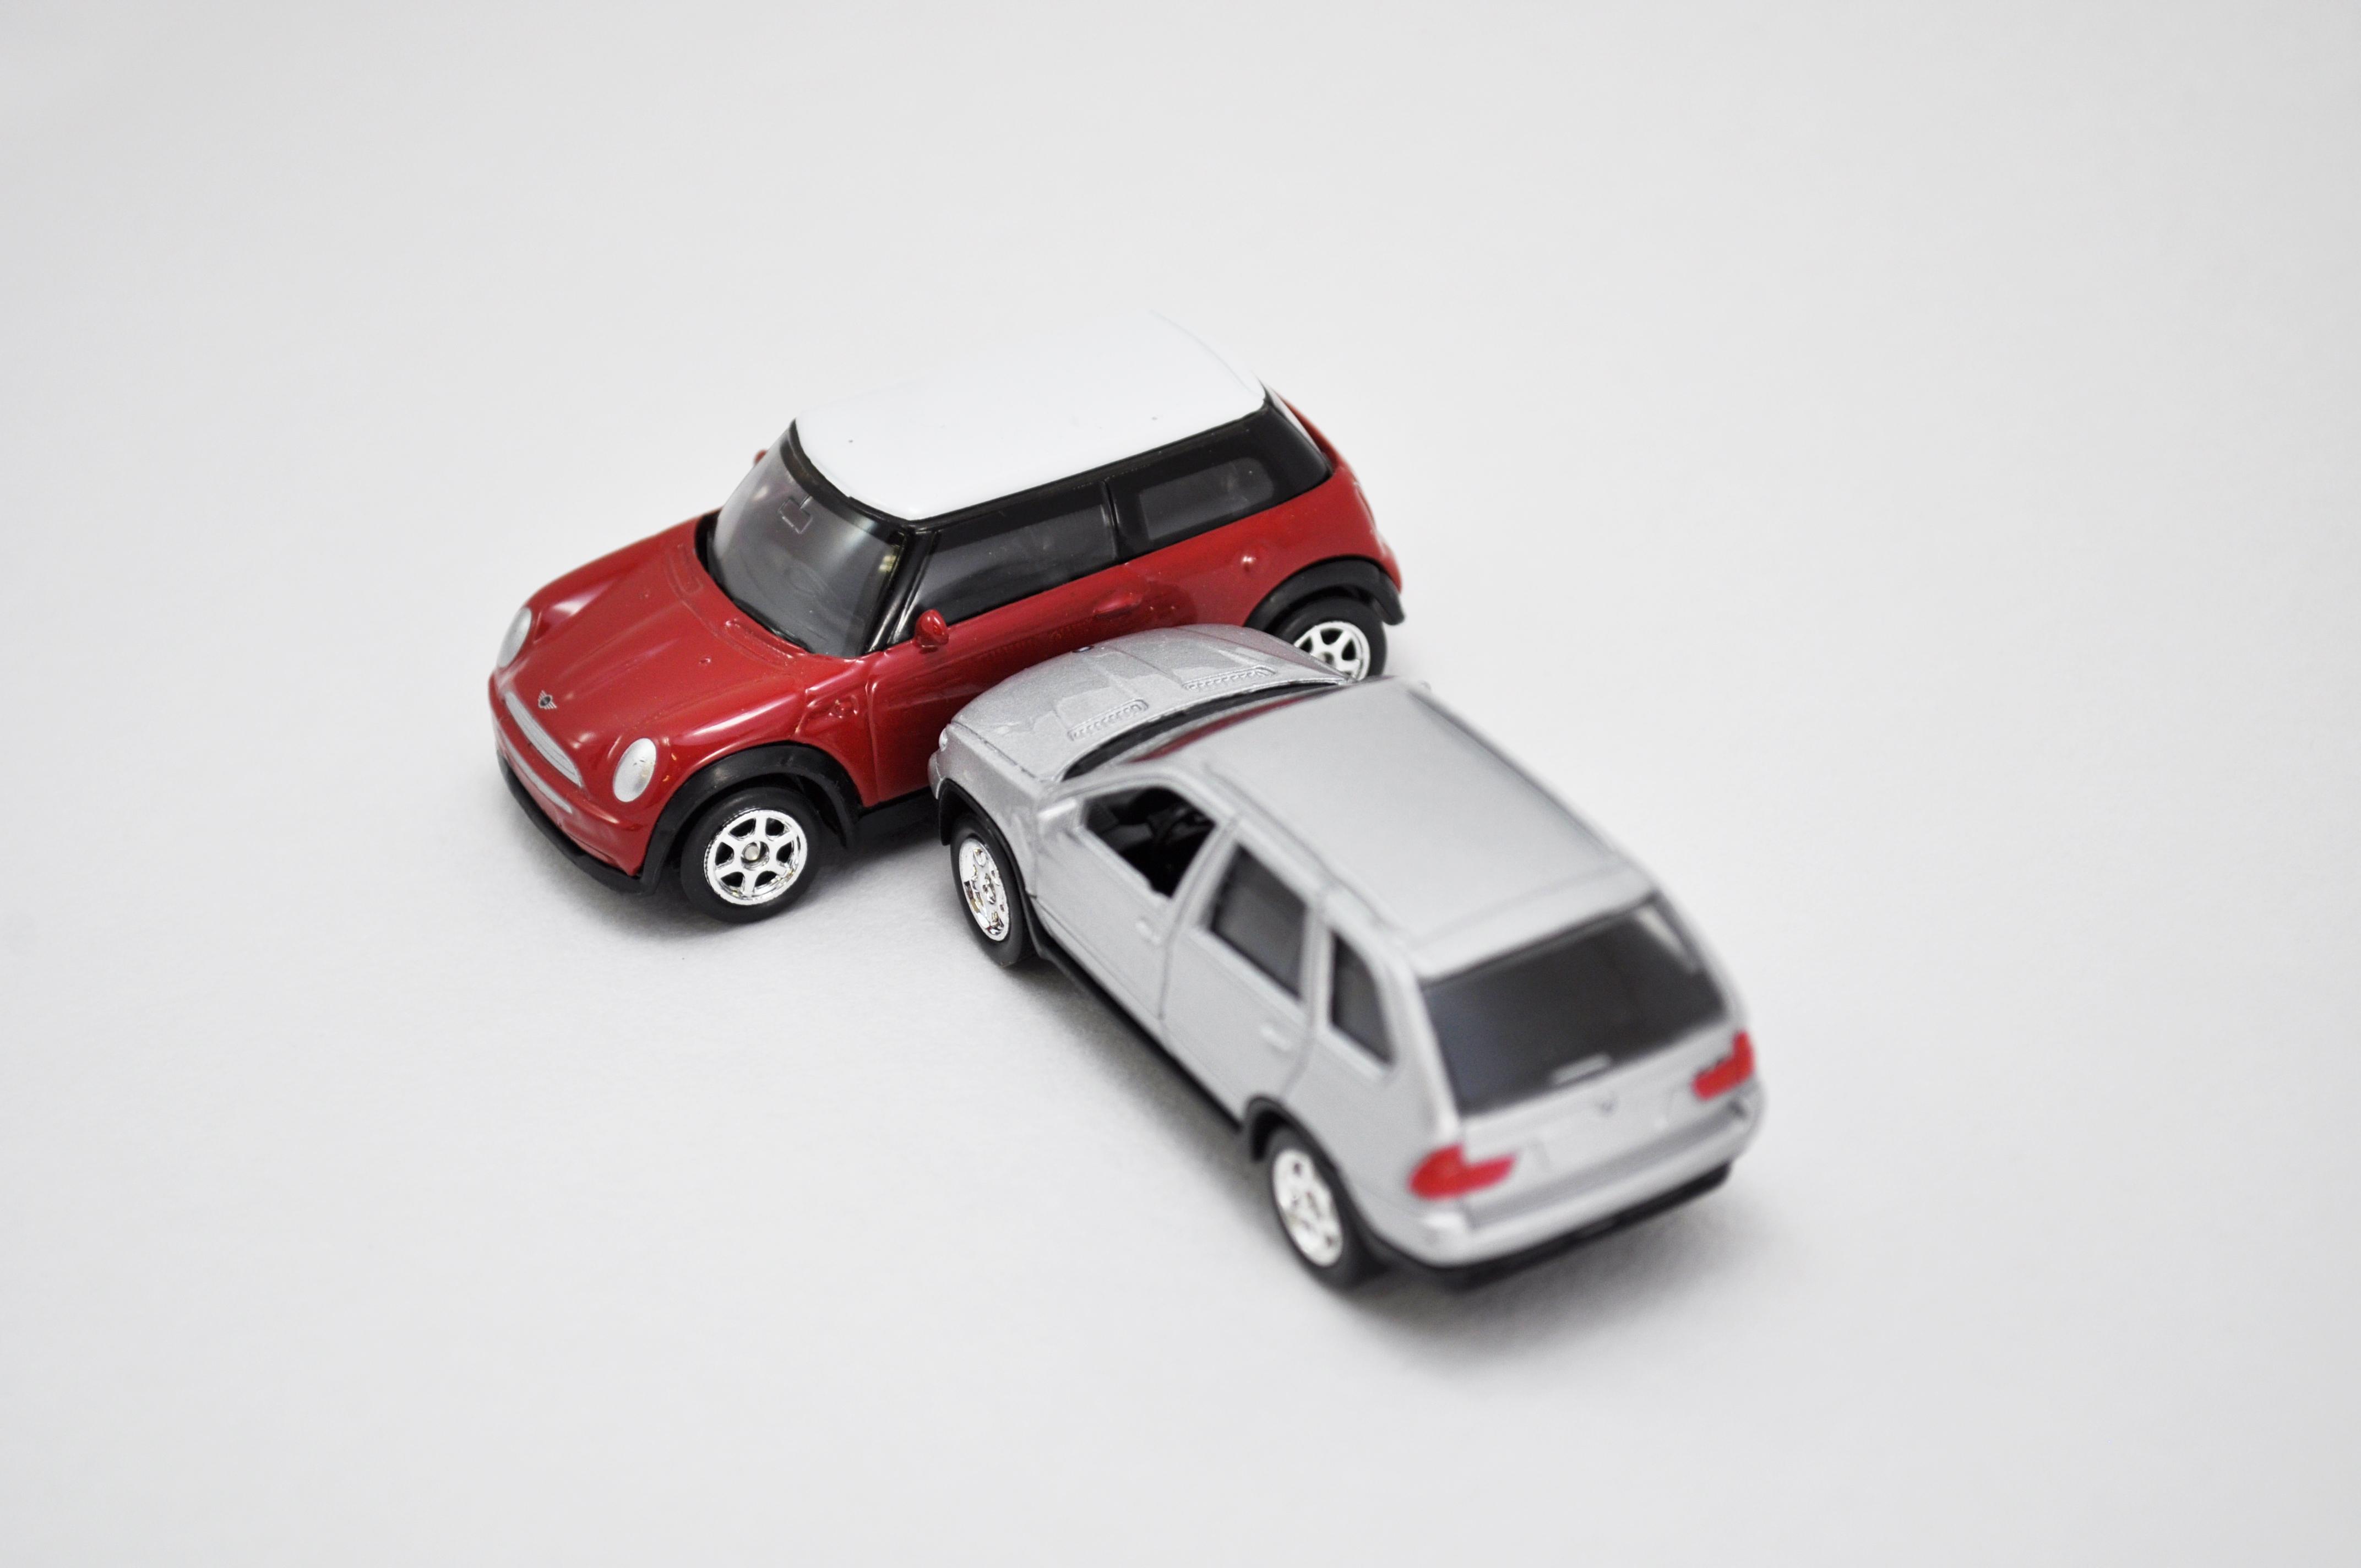 ゴールデンウイーク中の交通事故